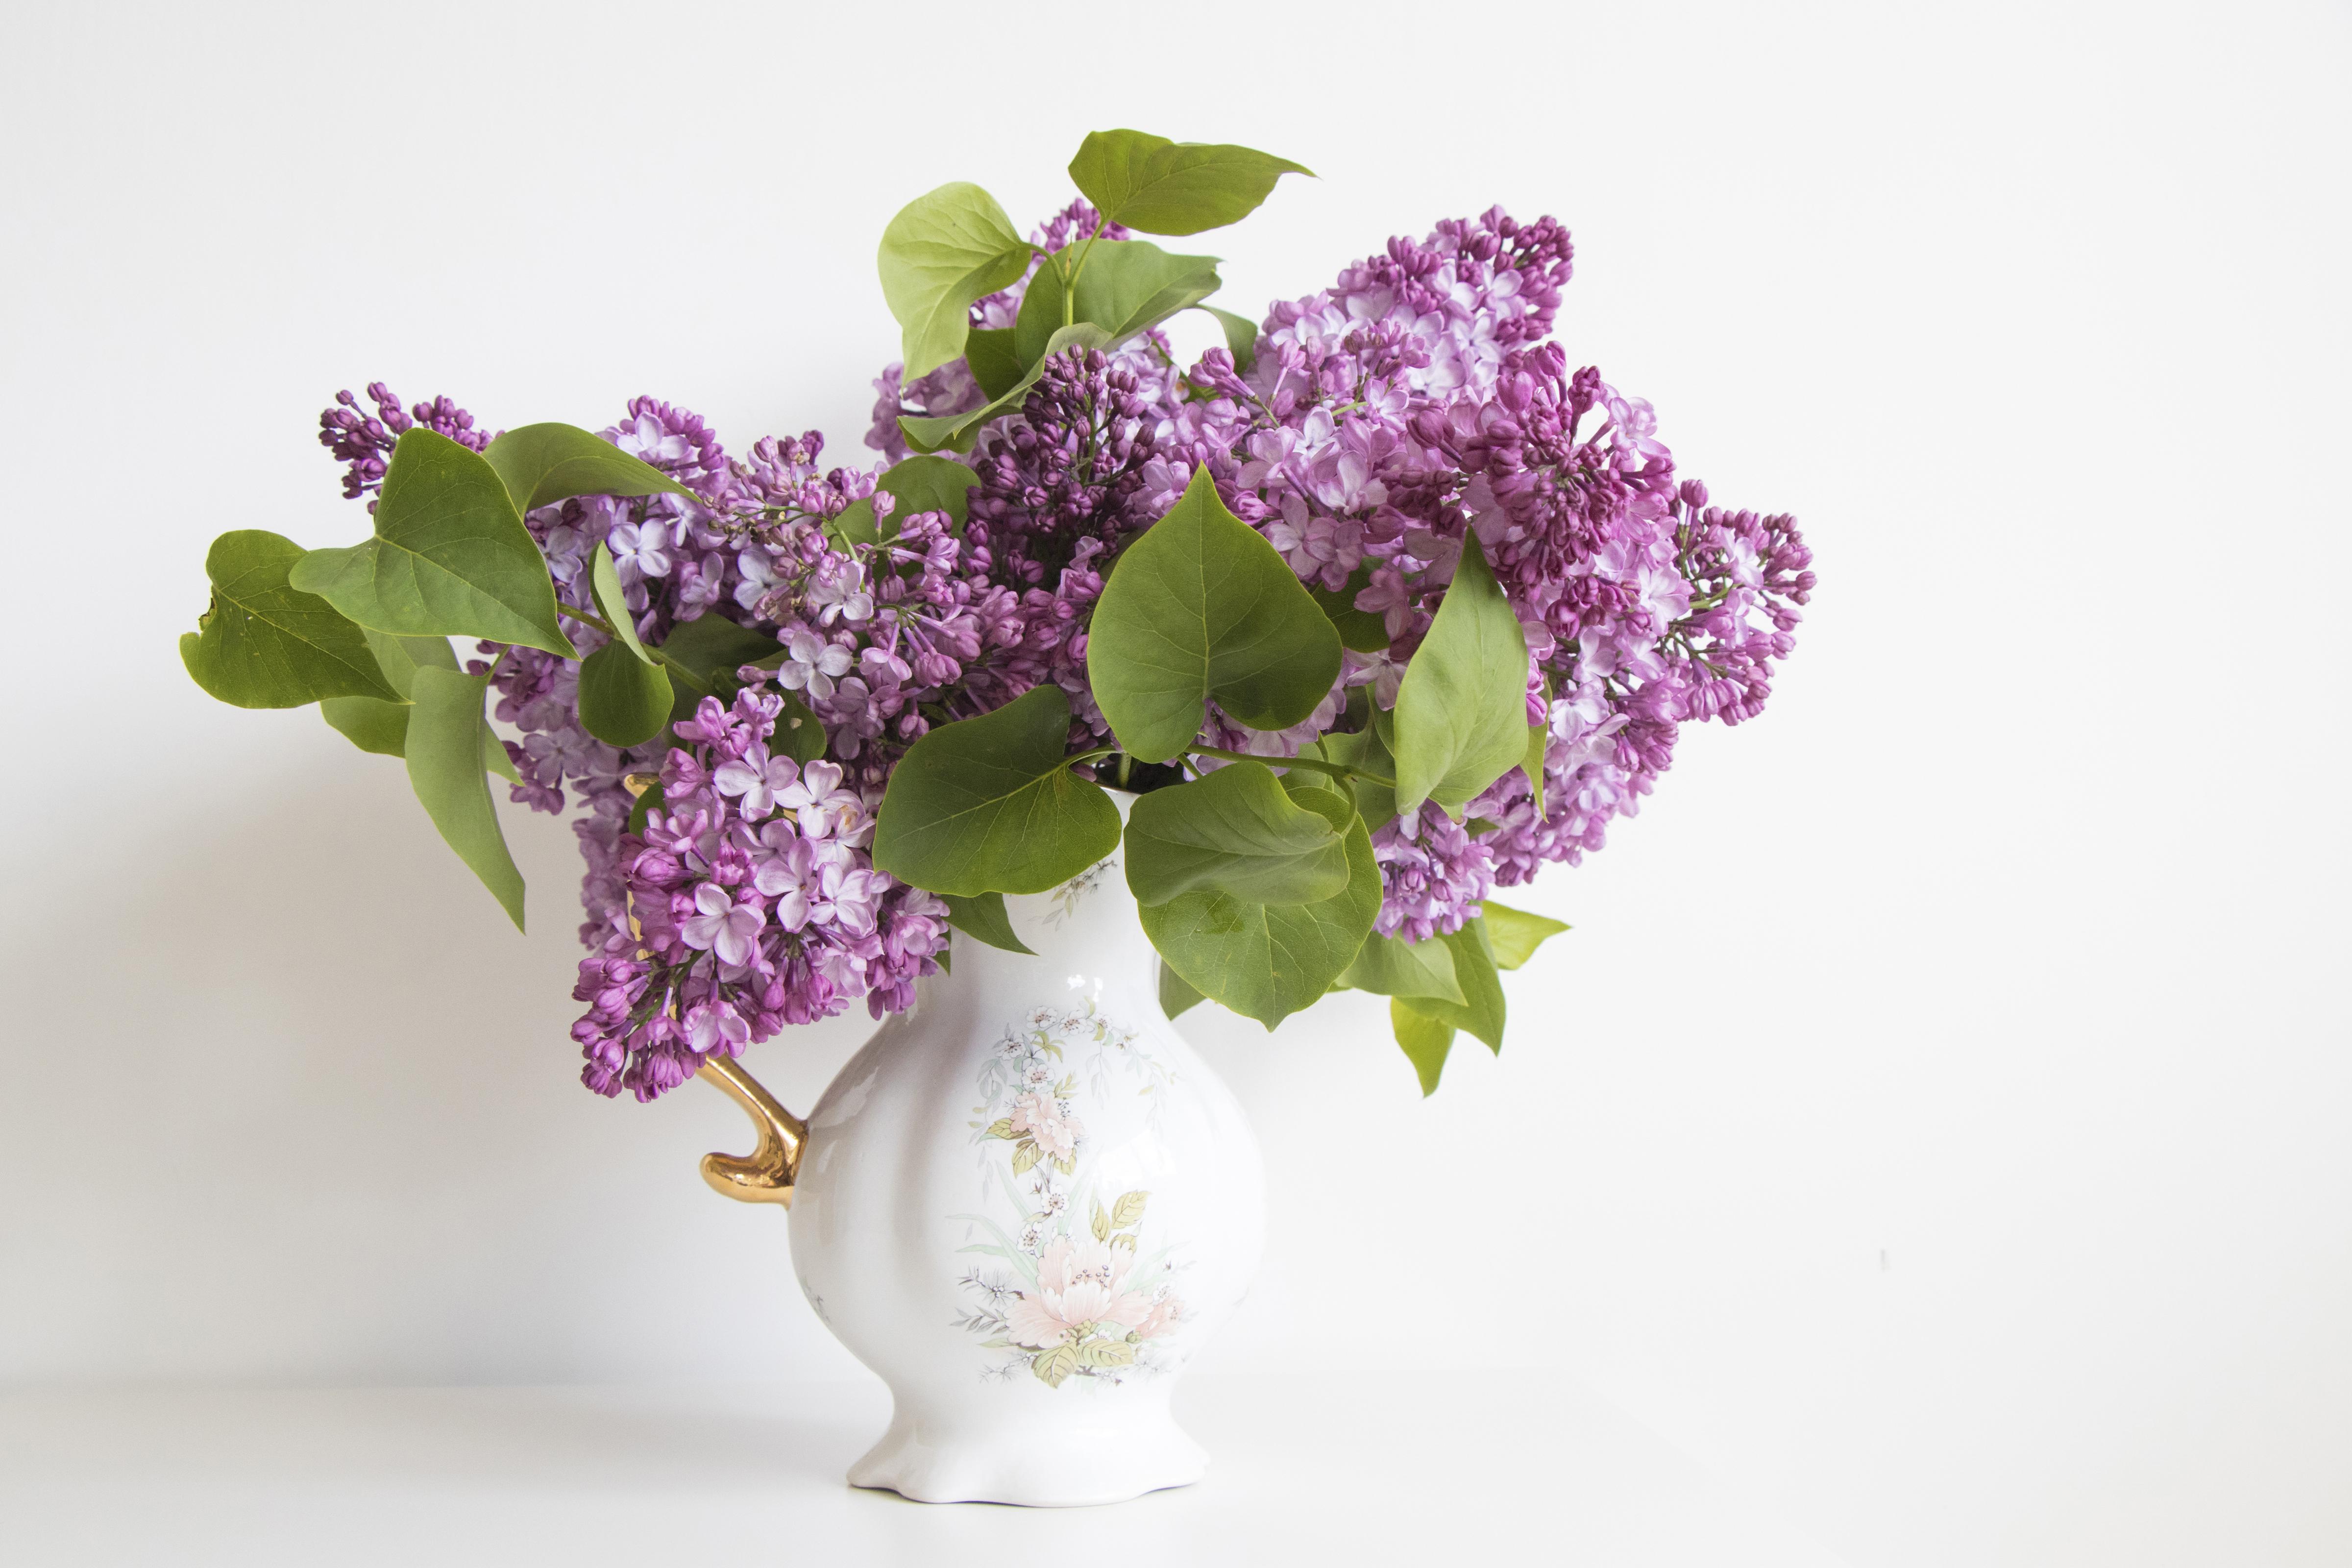 природа цветы ваза сирень  № 3063899 бесплатно